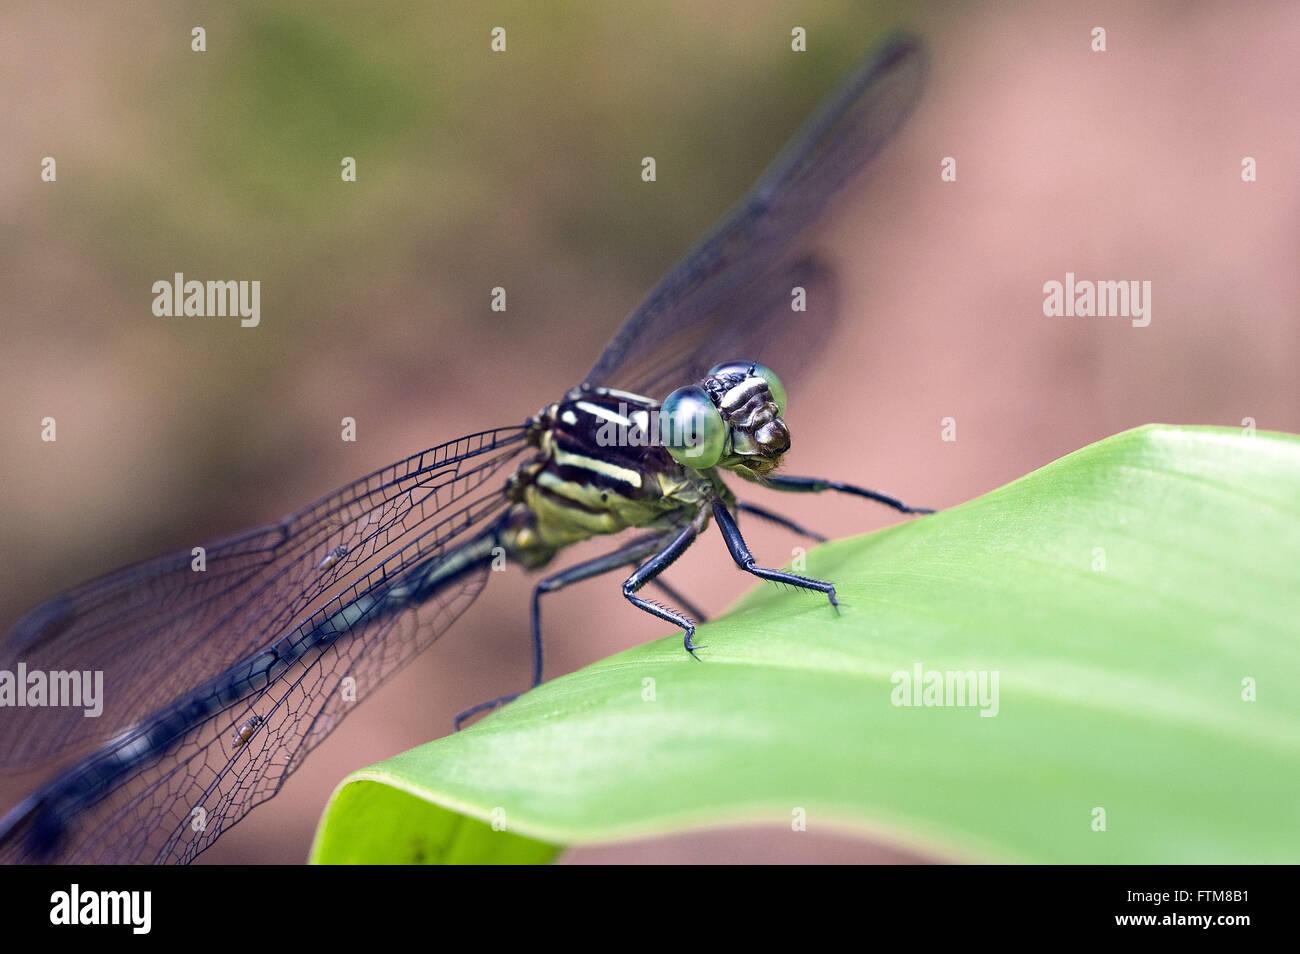 Libelula A Dragonfly